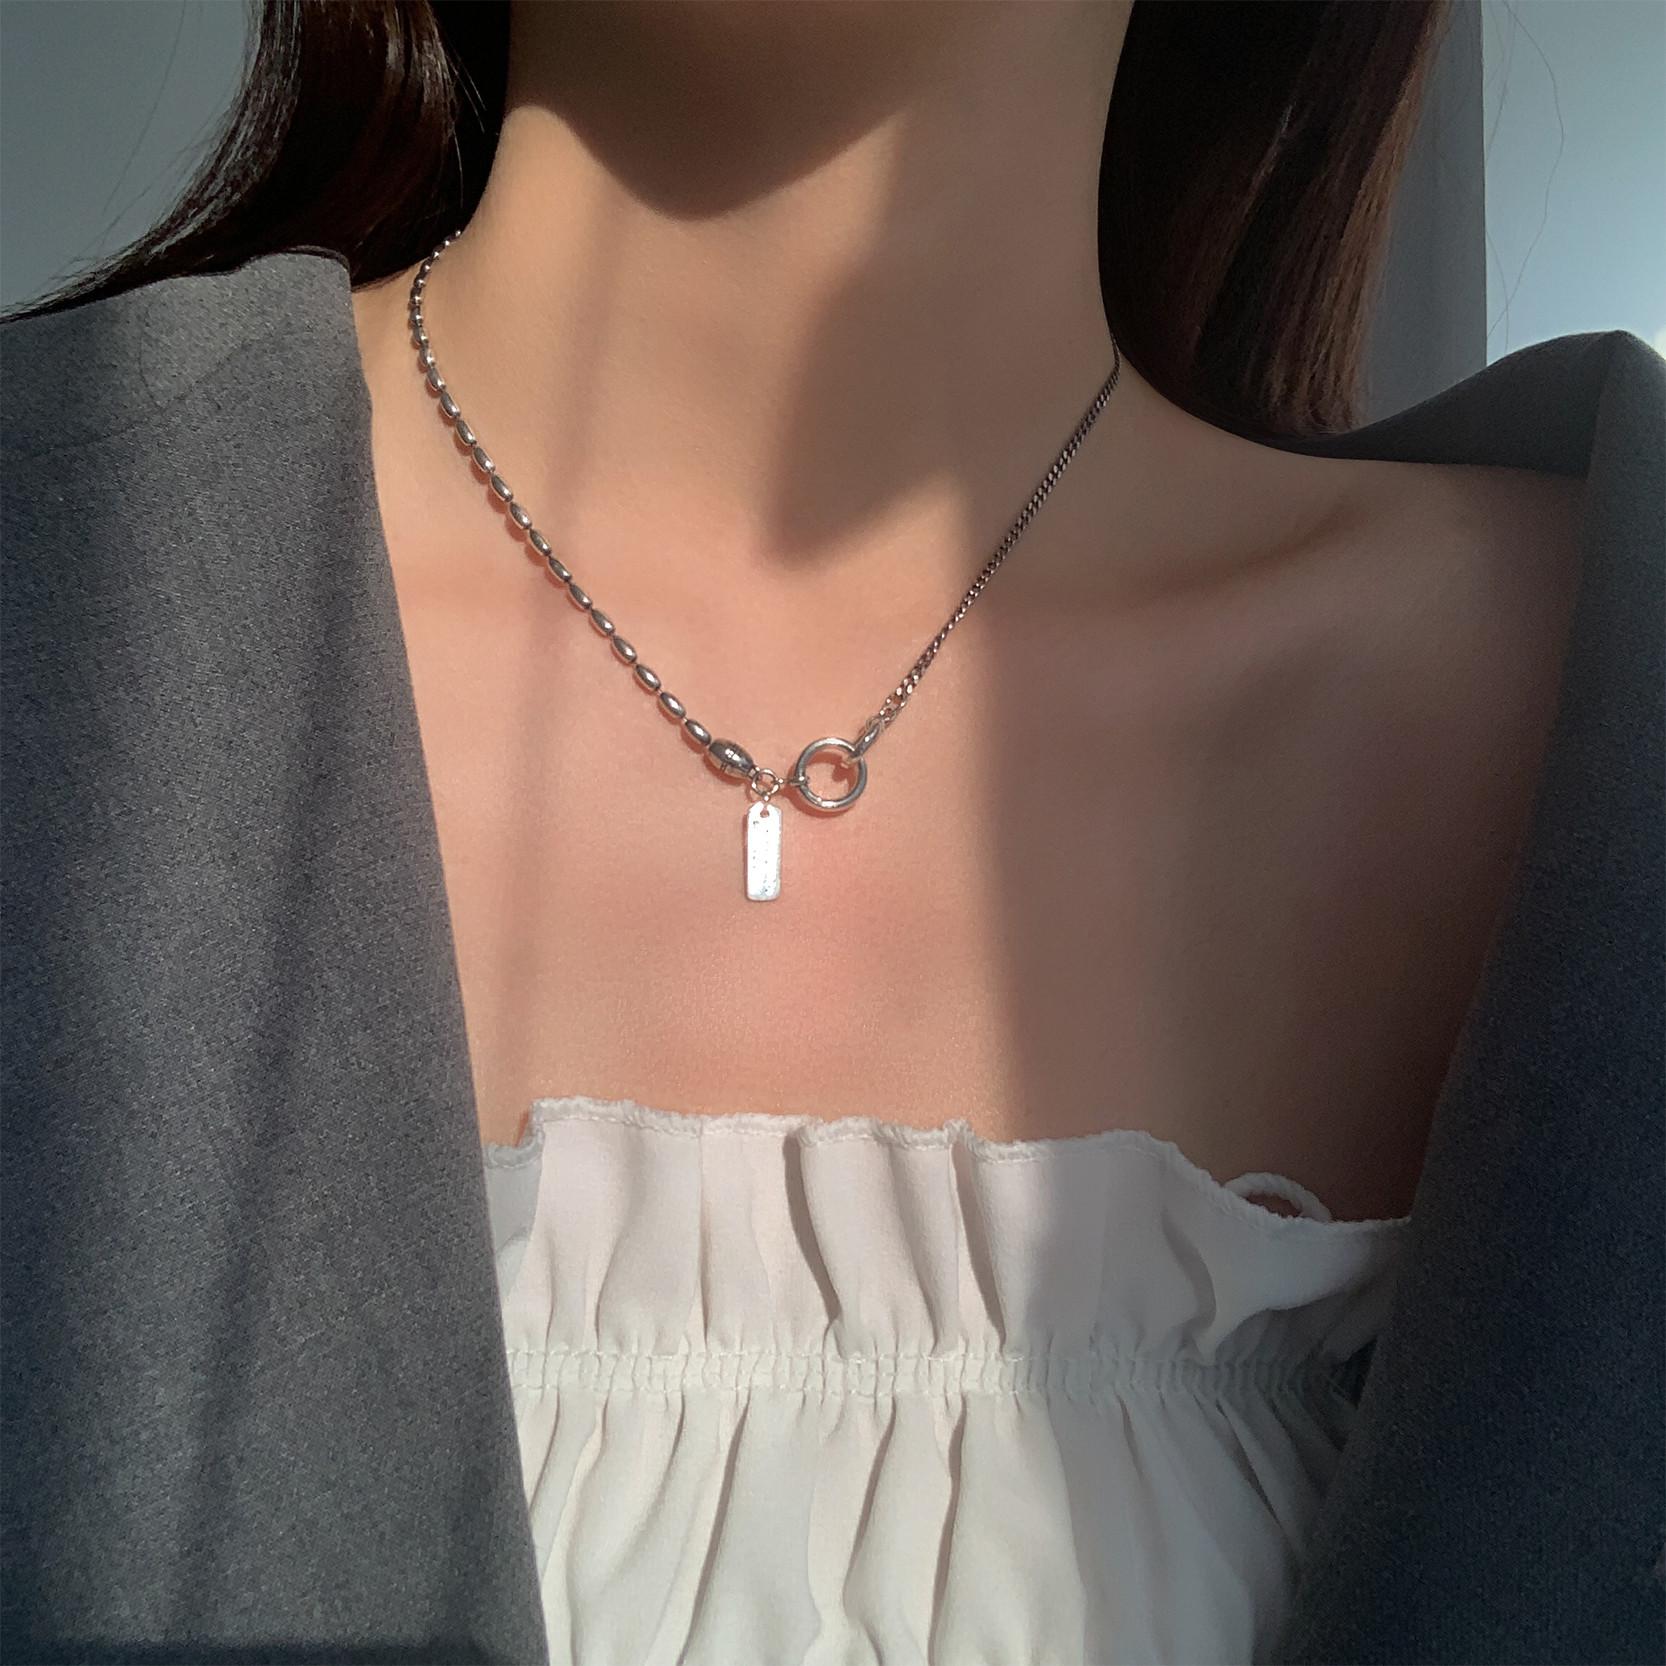 s925银小众项链ins冷淡风颈链女嘻哈设计感轻奢不掉色纯银锁骨链